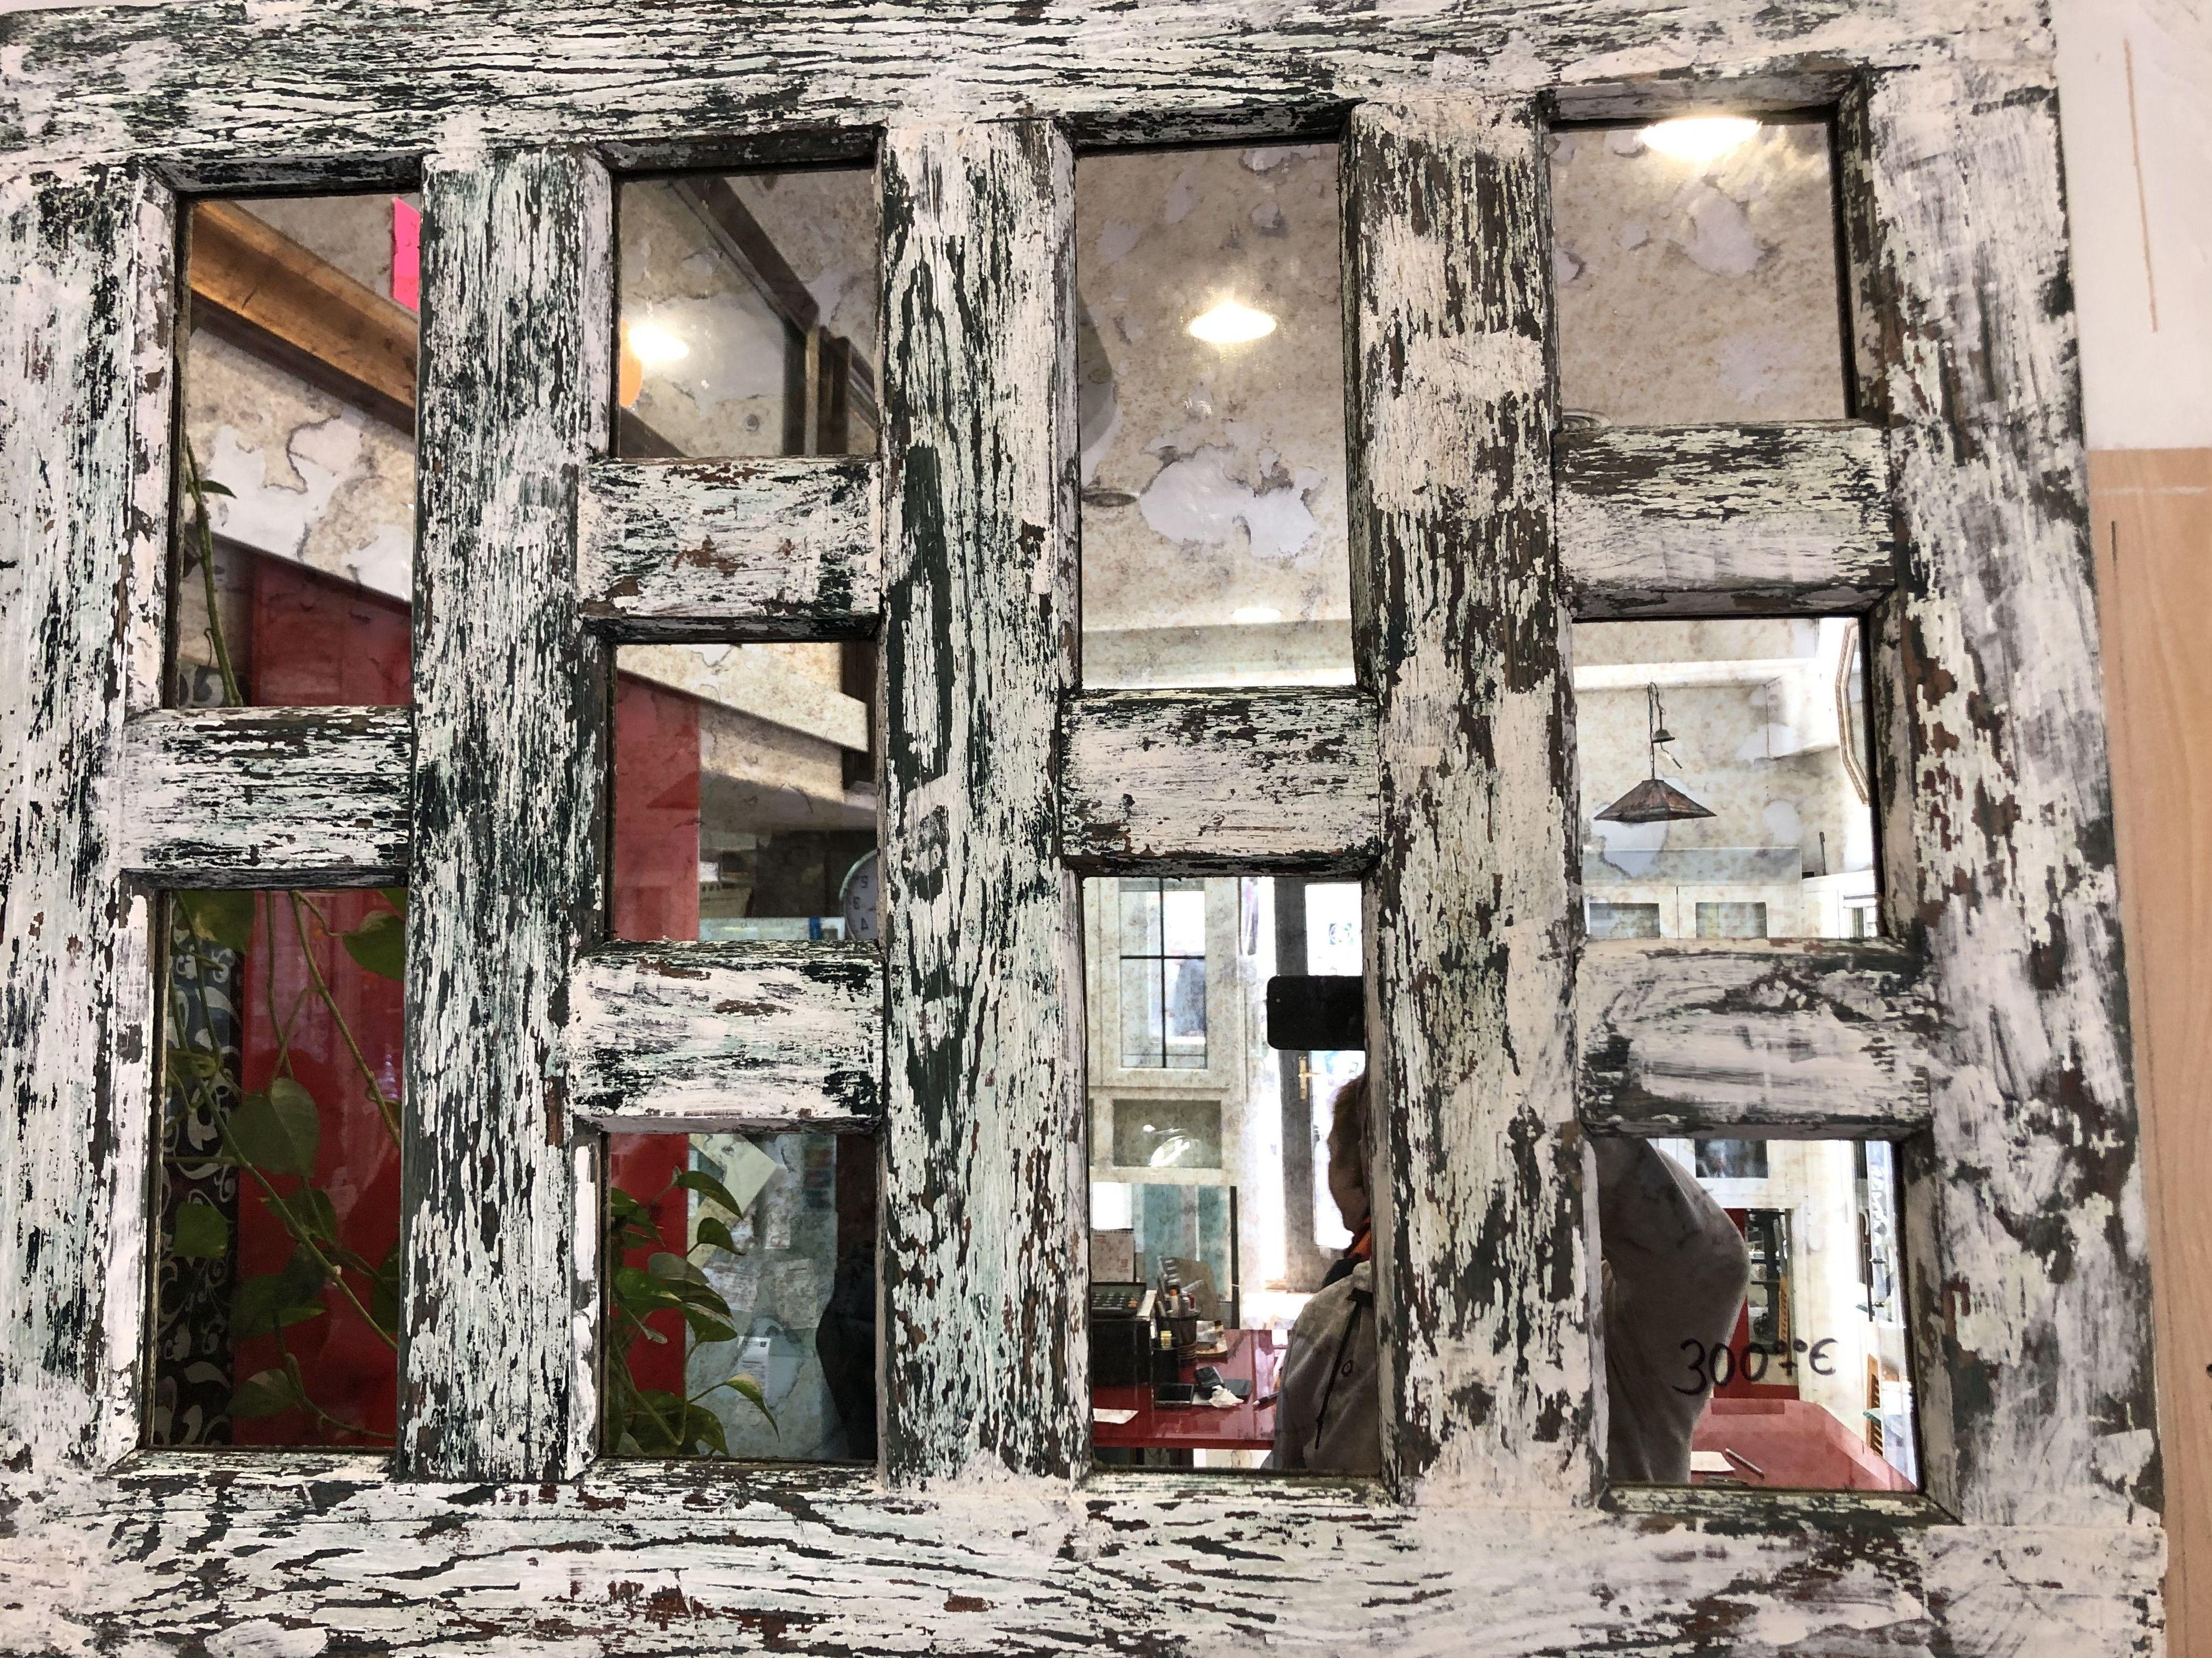 cristaleria-formas-espejos-viejos-decorativos